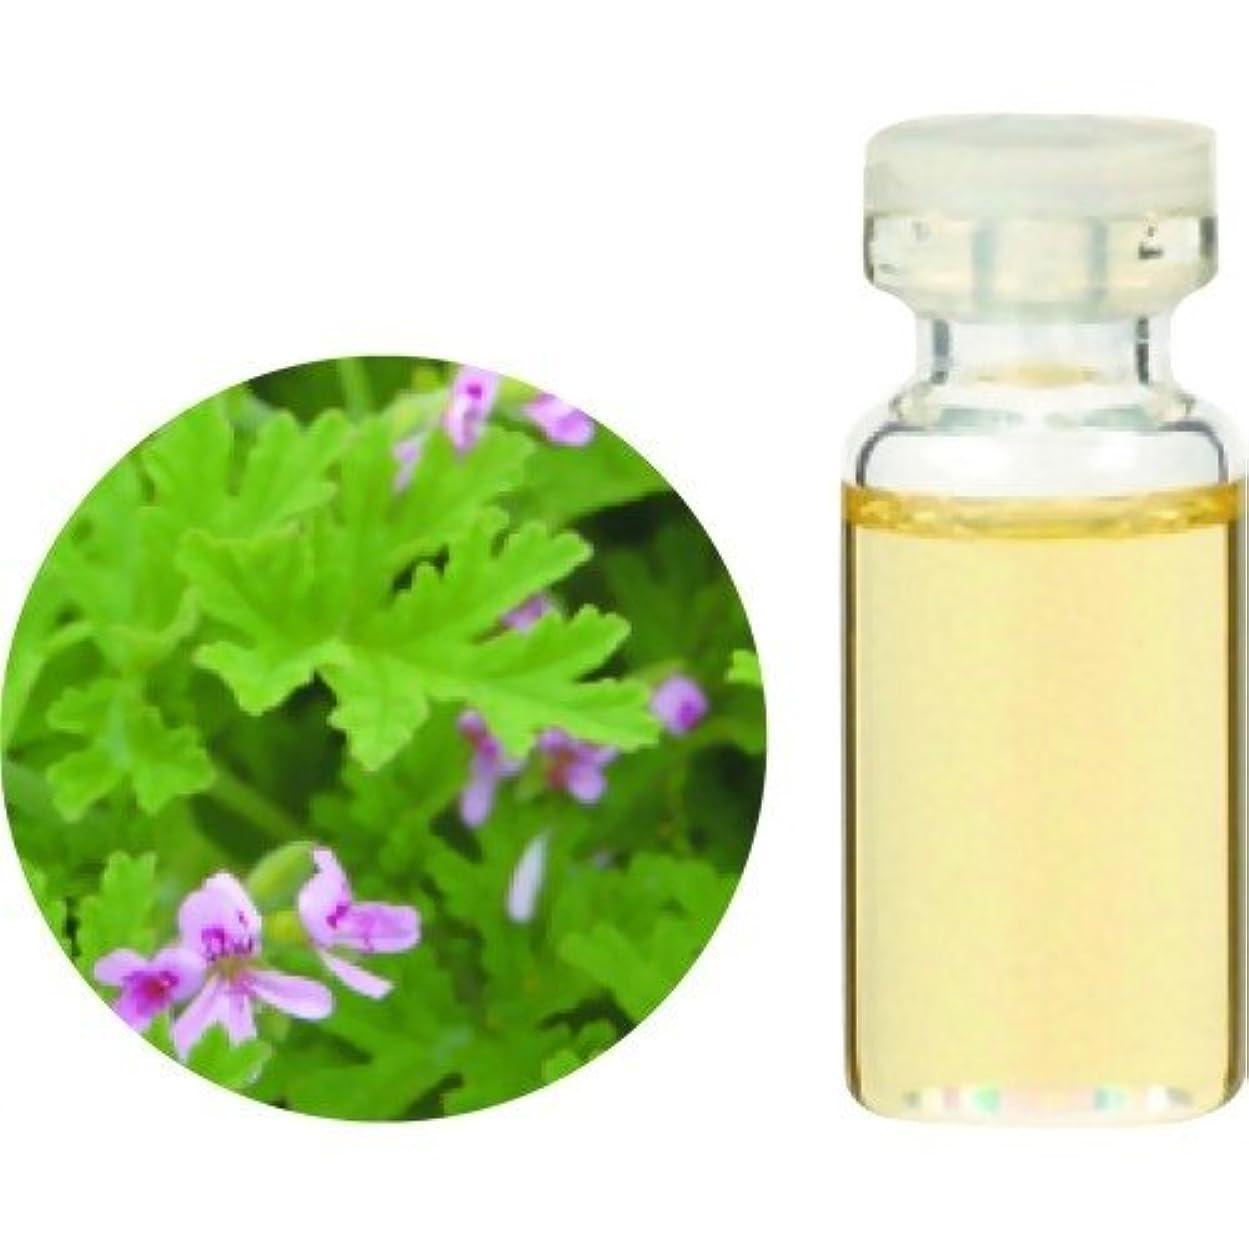 多用途リング新聞生活の木 Herbal Life Organic ゼラニウム 10ml